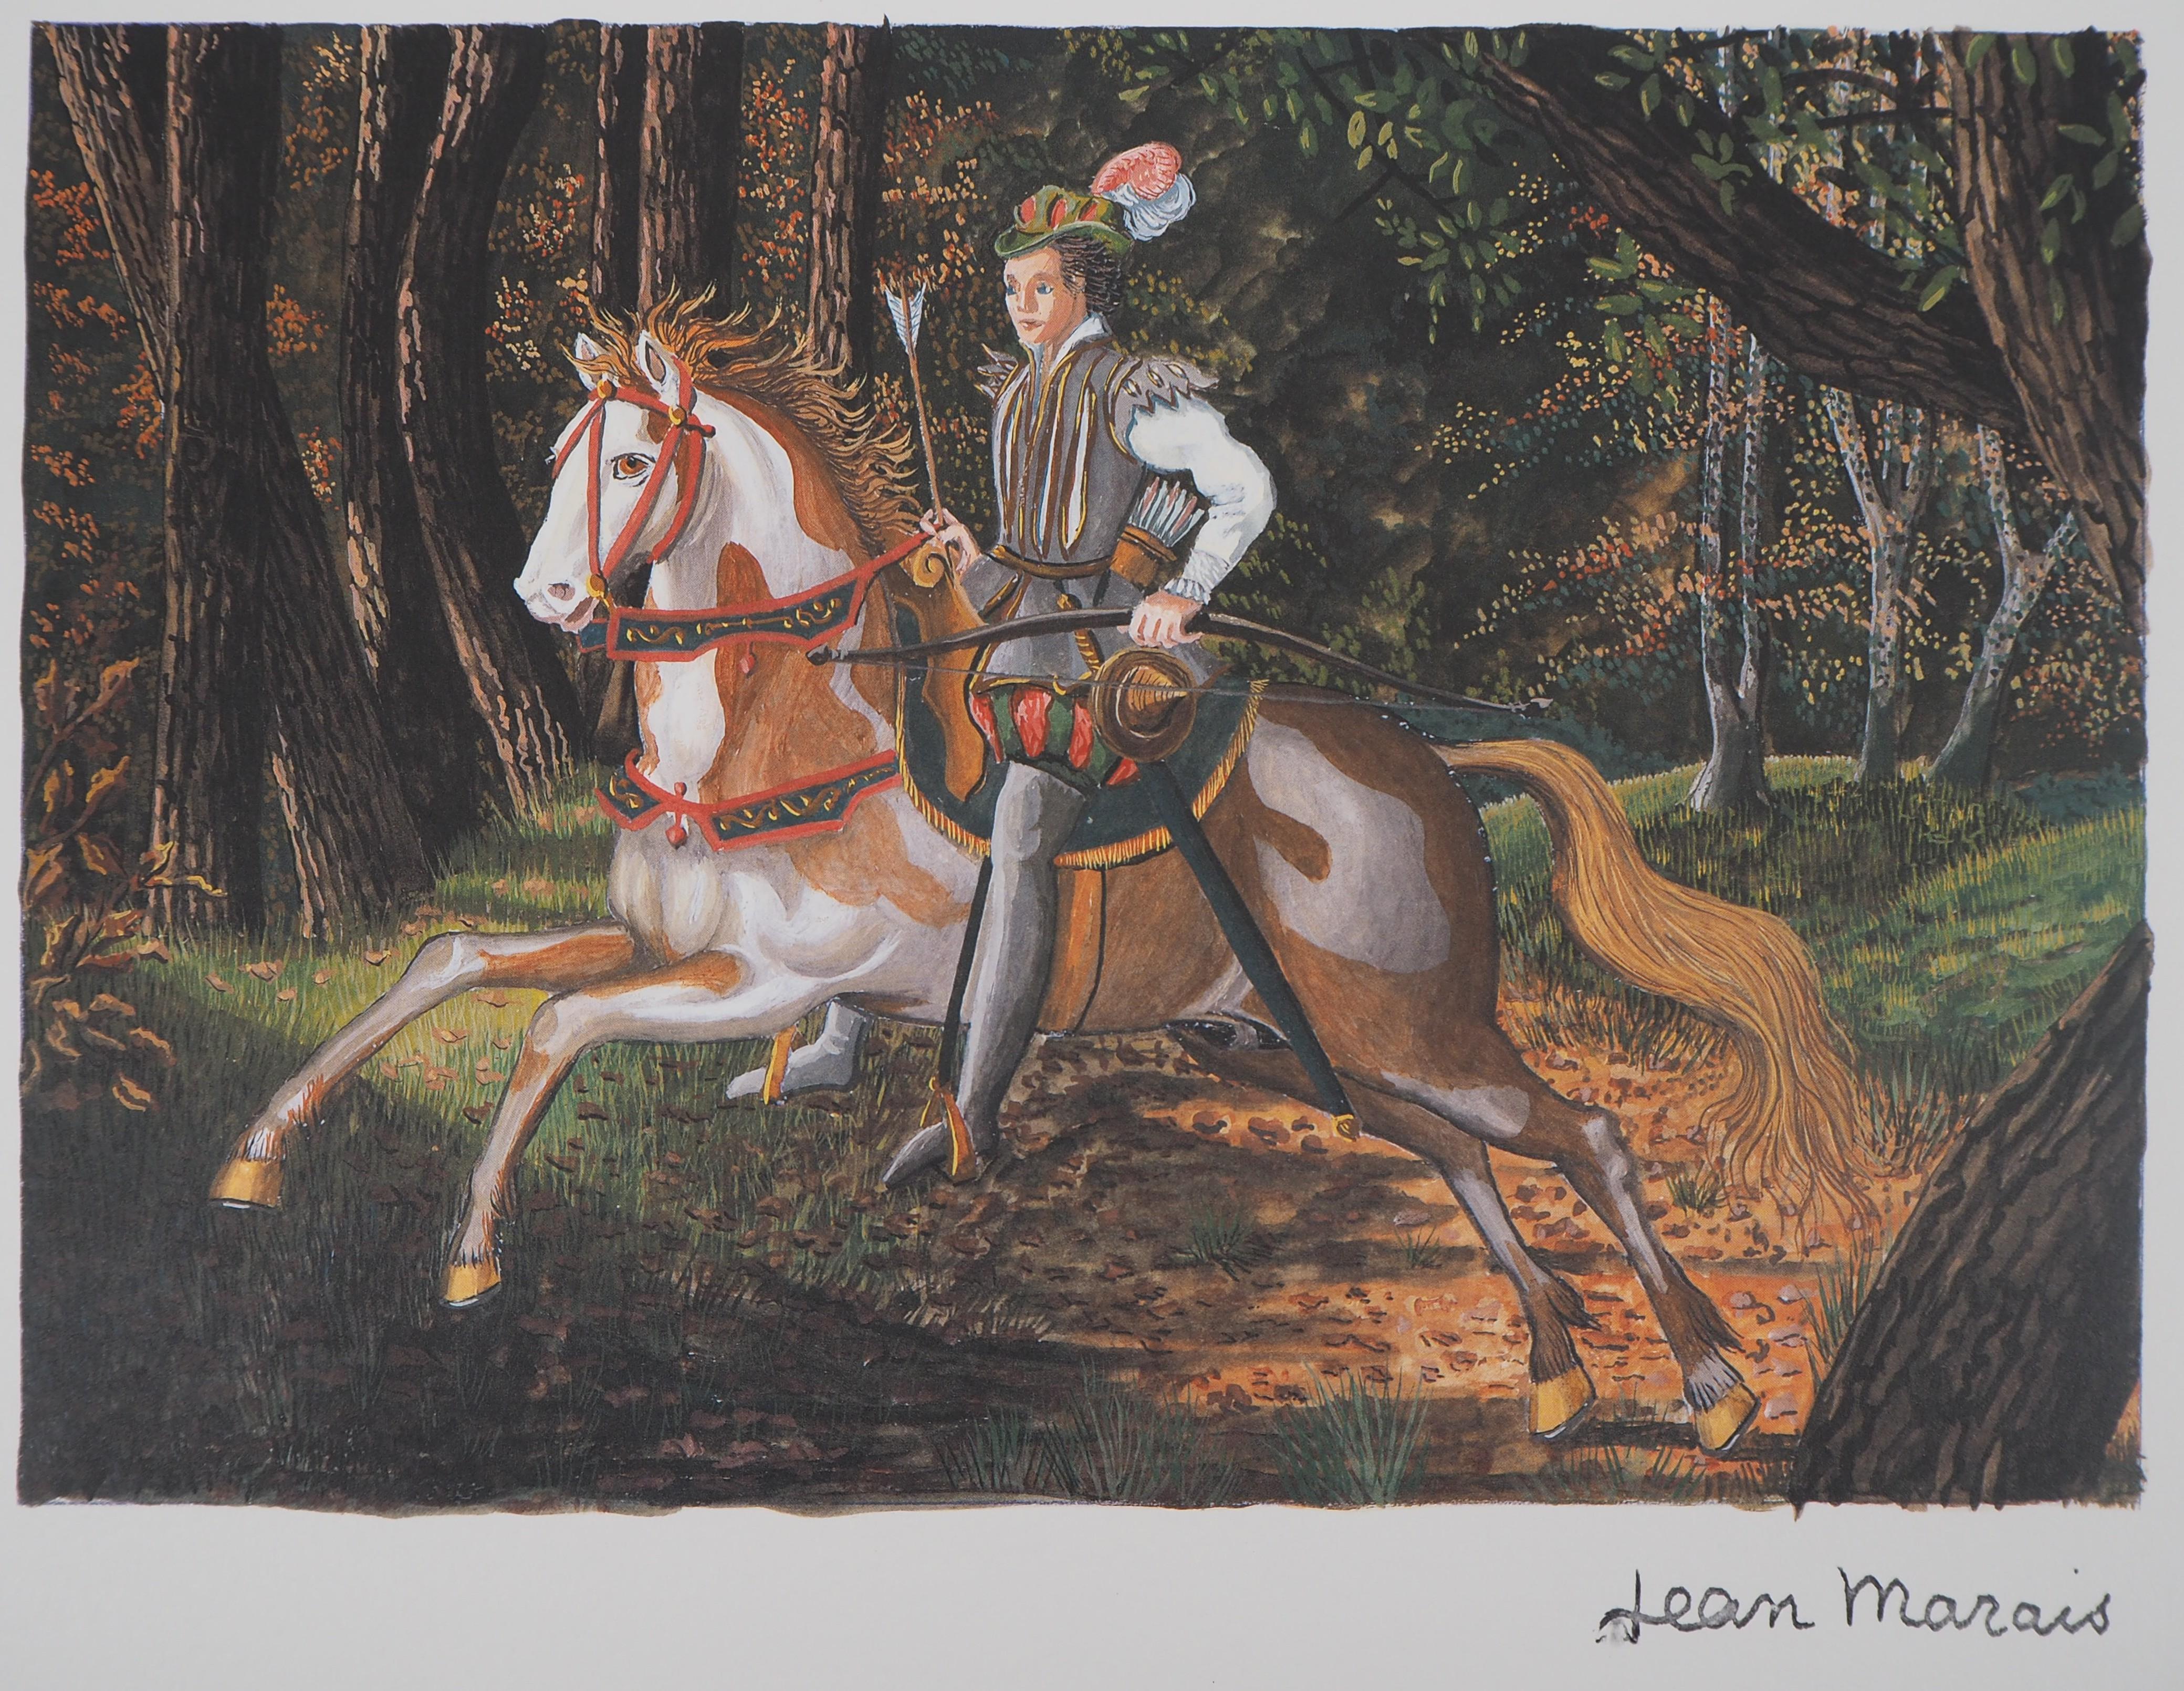 ef2c28328c1 Jean MARAIS - Le chevalier galant